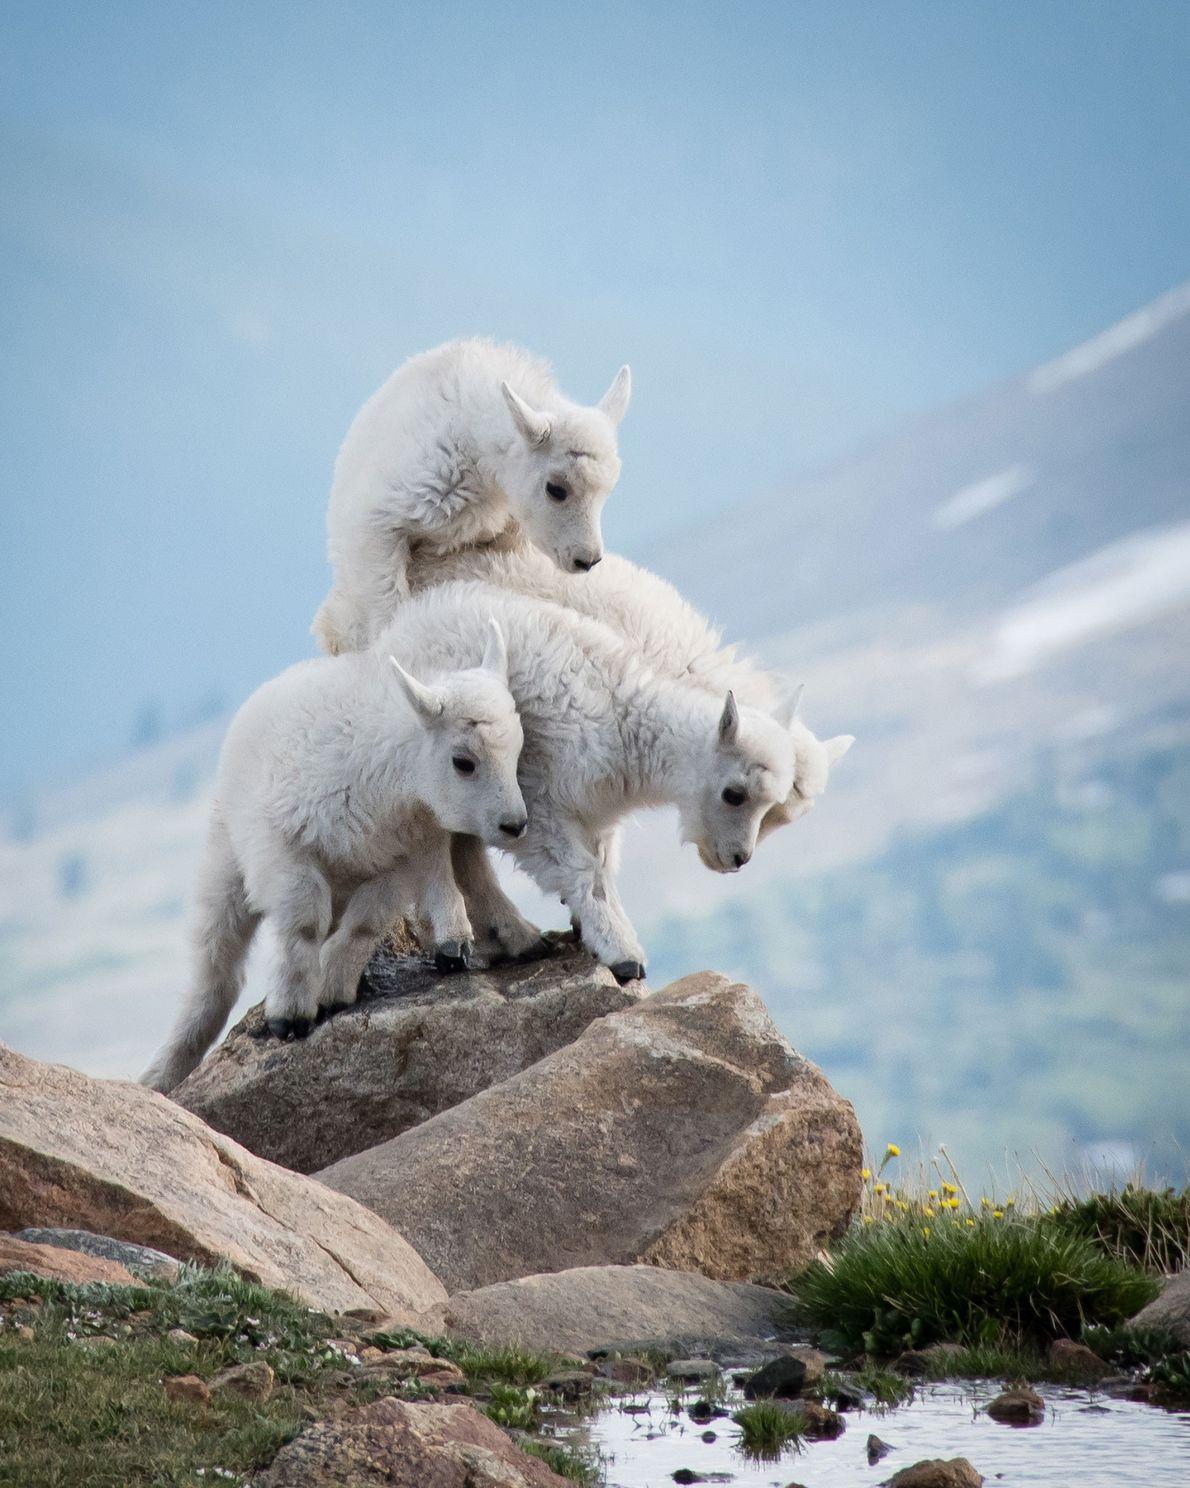 Cabras-das-rochosas. Monte Evans, Colorado, Estados Unidos